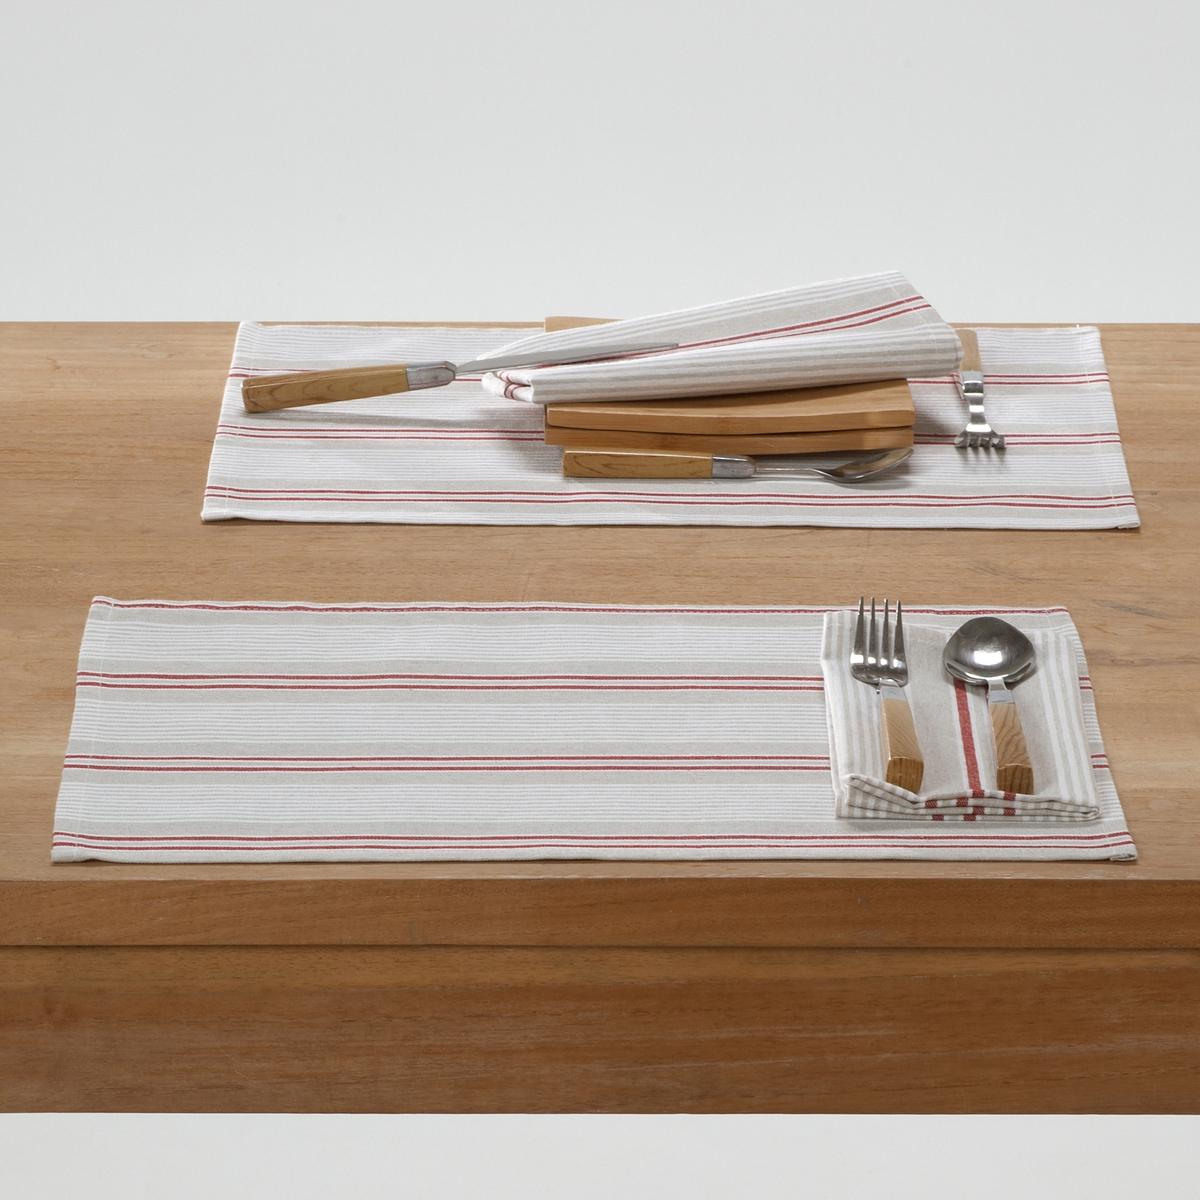 Комплект из 2-х салфеток под столовый прибор,  FERM.Комплект из 2-х салфеток в полоску под столовый прибор,  FERM. Салфетки в полоску под столовый прибор совмещают в себе простоту и изысканность. Вы оцените пропитку от пятен, они станут Вашими помощниками и для званого ужина, и для импровизированных встреч за столом.Характеристики:Материал: 80% хлопка, 20% полиэстера.Уход: машинная стирка при 60°С.Отделка: подрубленные края.Обработка против пятен.Ткань из окрашенных волокон. Поликоттон.Размеры:- 35 см x 45 см.<br><br>Цвет: бежевый/красный<br>Размер: единый размер